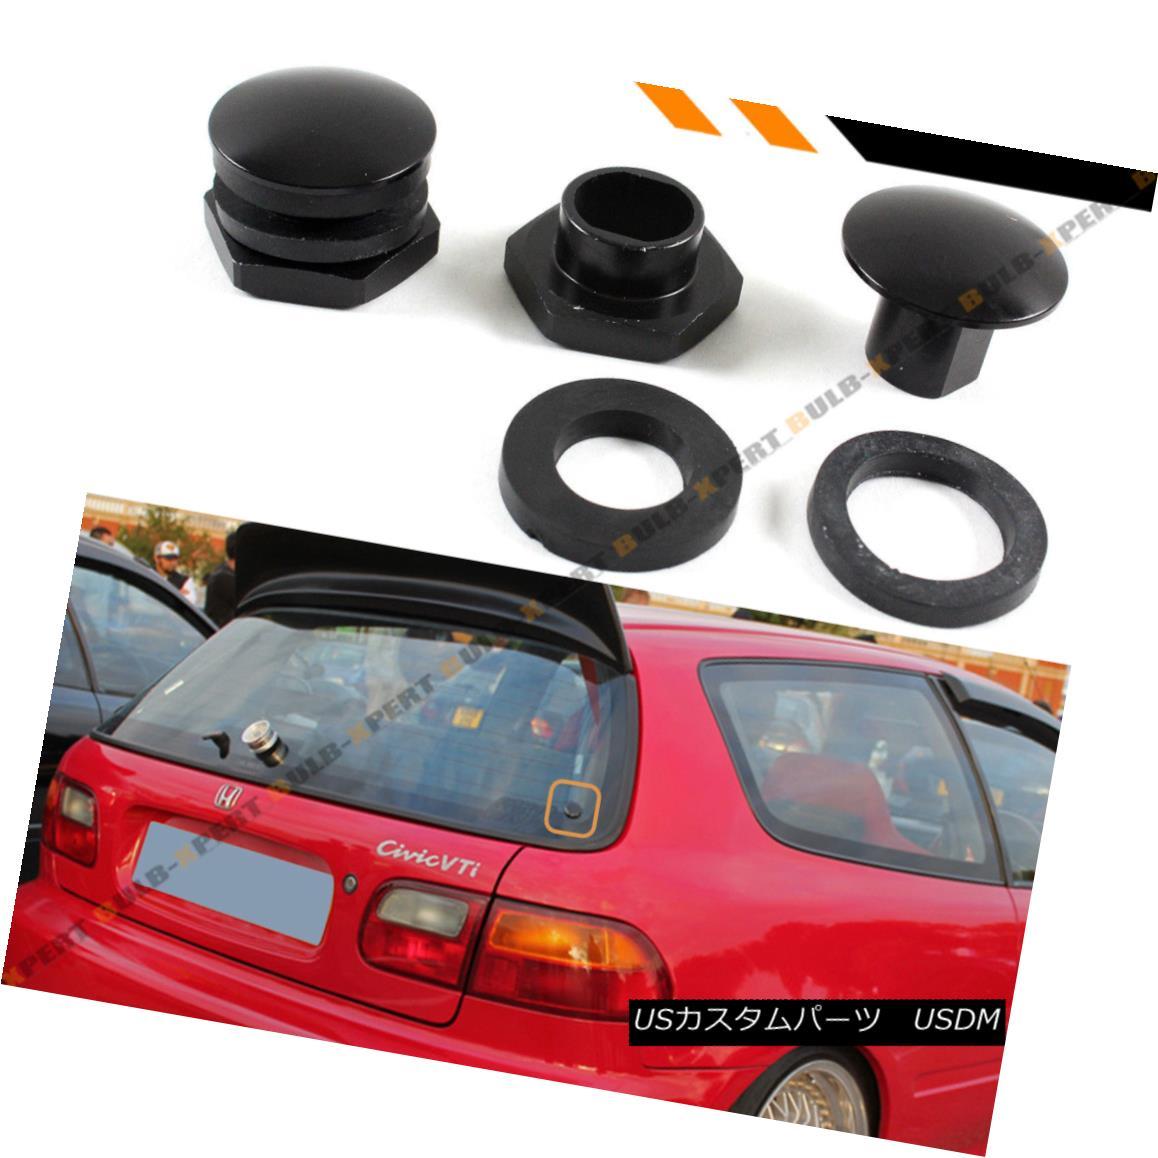 エアロパーツ For 92-95 Honda Civic EG6 Hatchback Rear Window Glass Strut Hardware Repair Kit 92-95ホンダシビックEG6ハッチバックリアウィンドウガラスストラットハードウェア修理キット